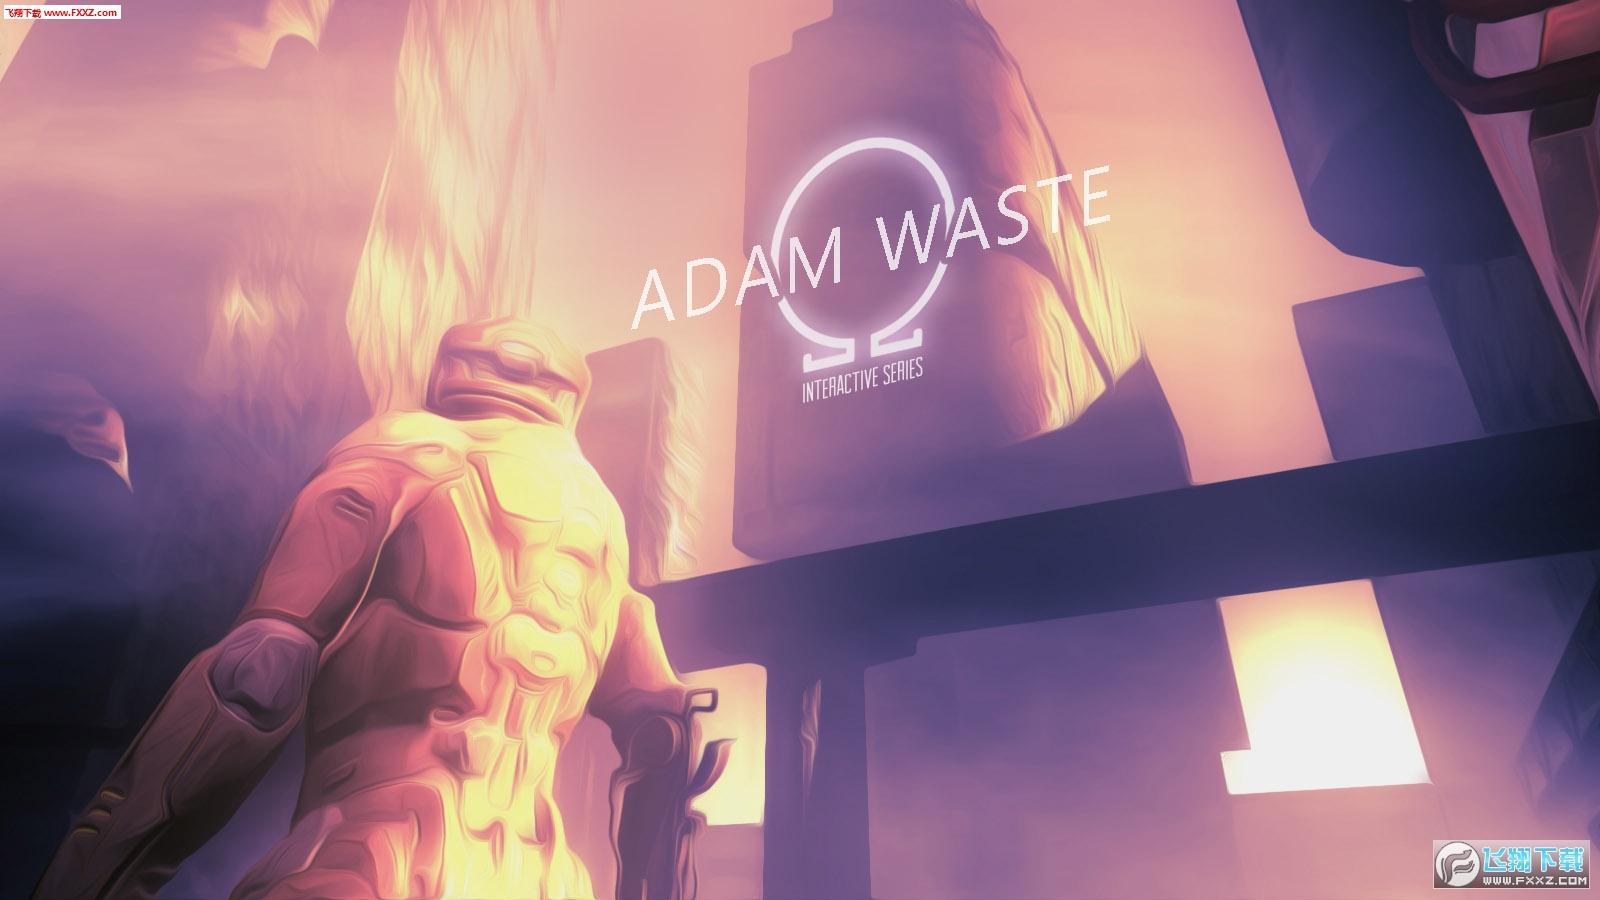 亚当废土(Adam Waste)截图2